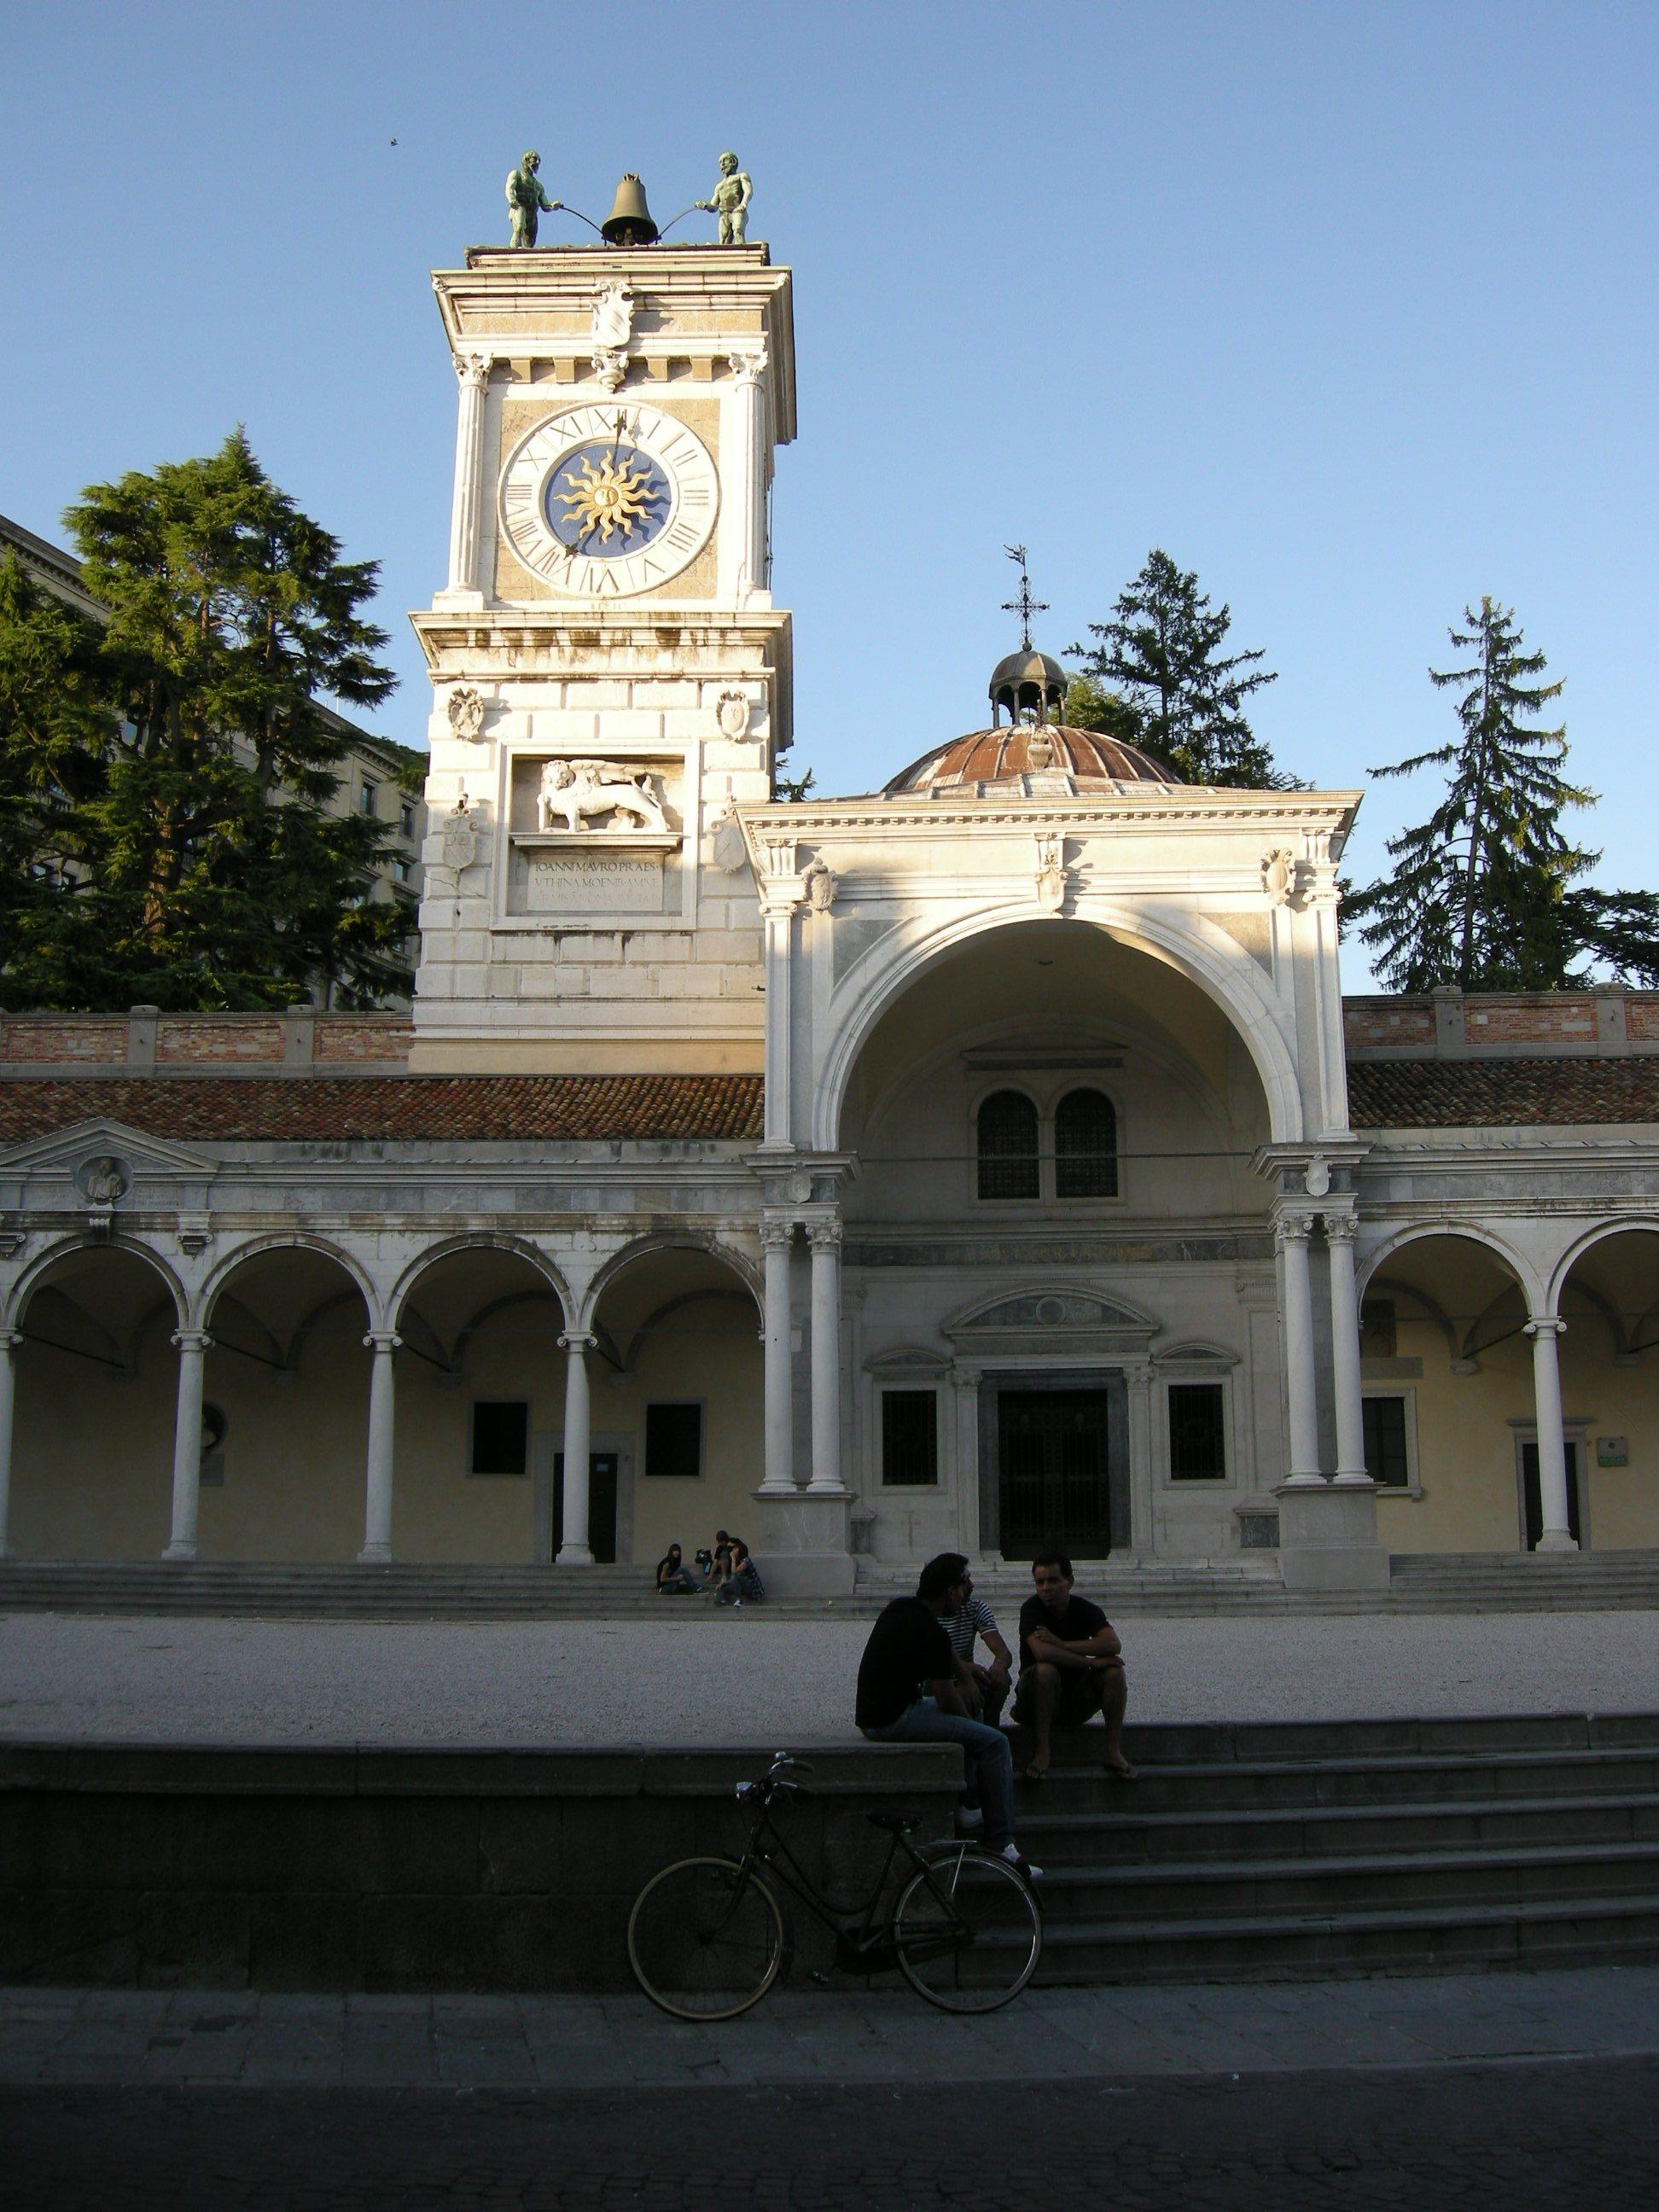 FileUdine piazza della libert torre dellorologio 00JPG  Wikimedia Commons